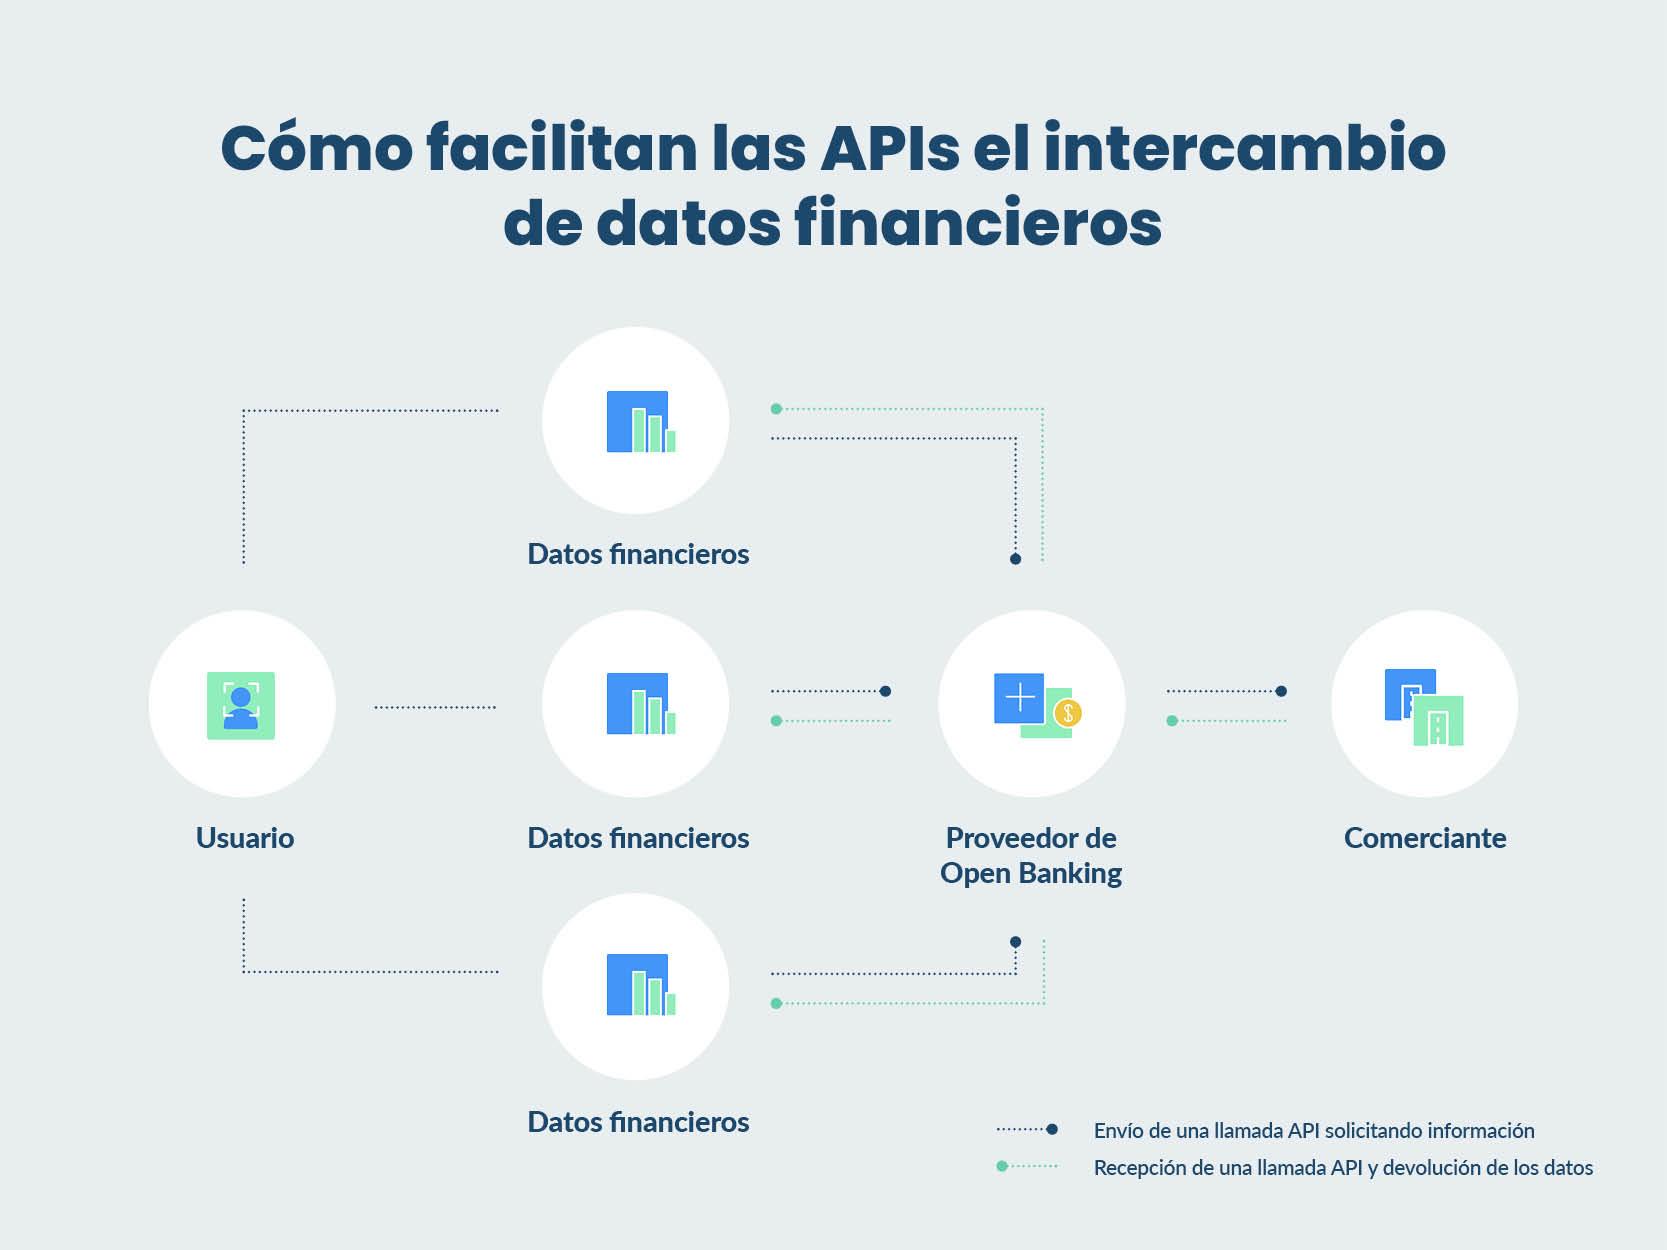 Cómo facilitan las APIs